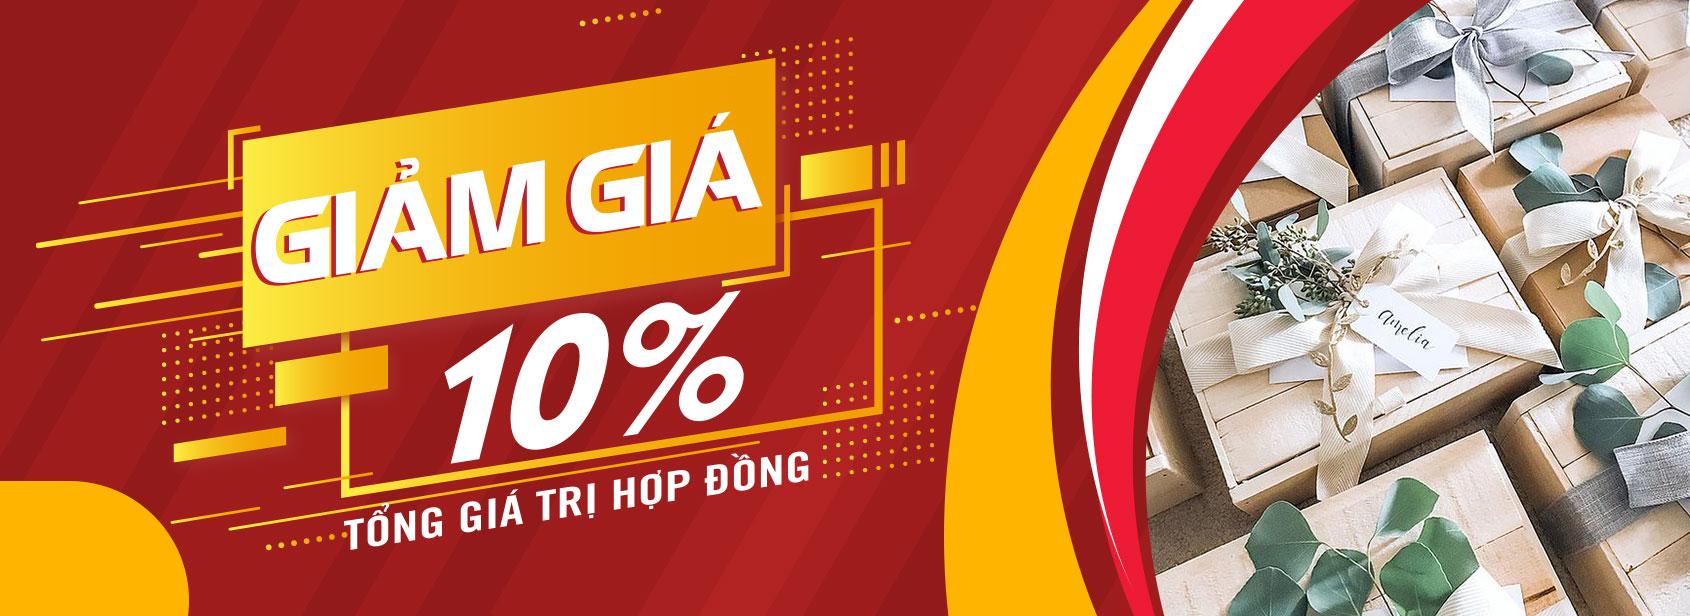 Congtyquatang.vn - Giảm 10% Tổng giá trị hợp đồng